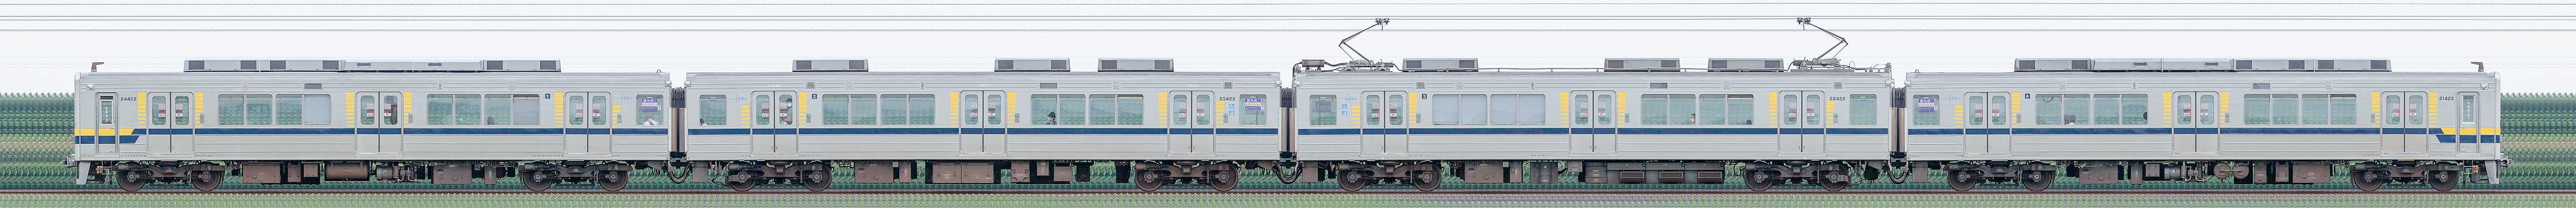 東武20400型21422編成(山側)の編成サイドビュー